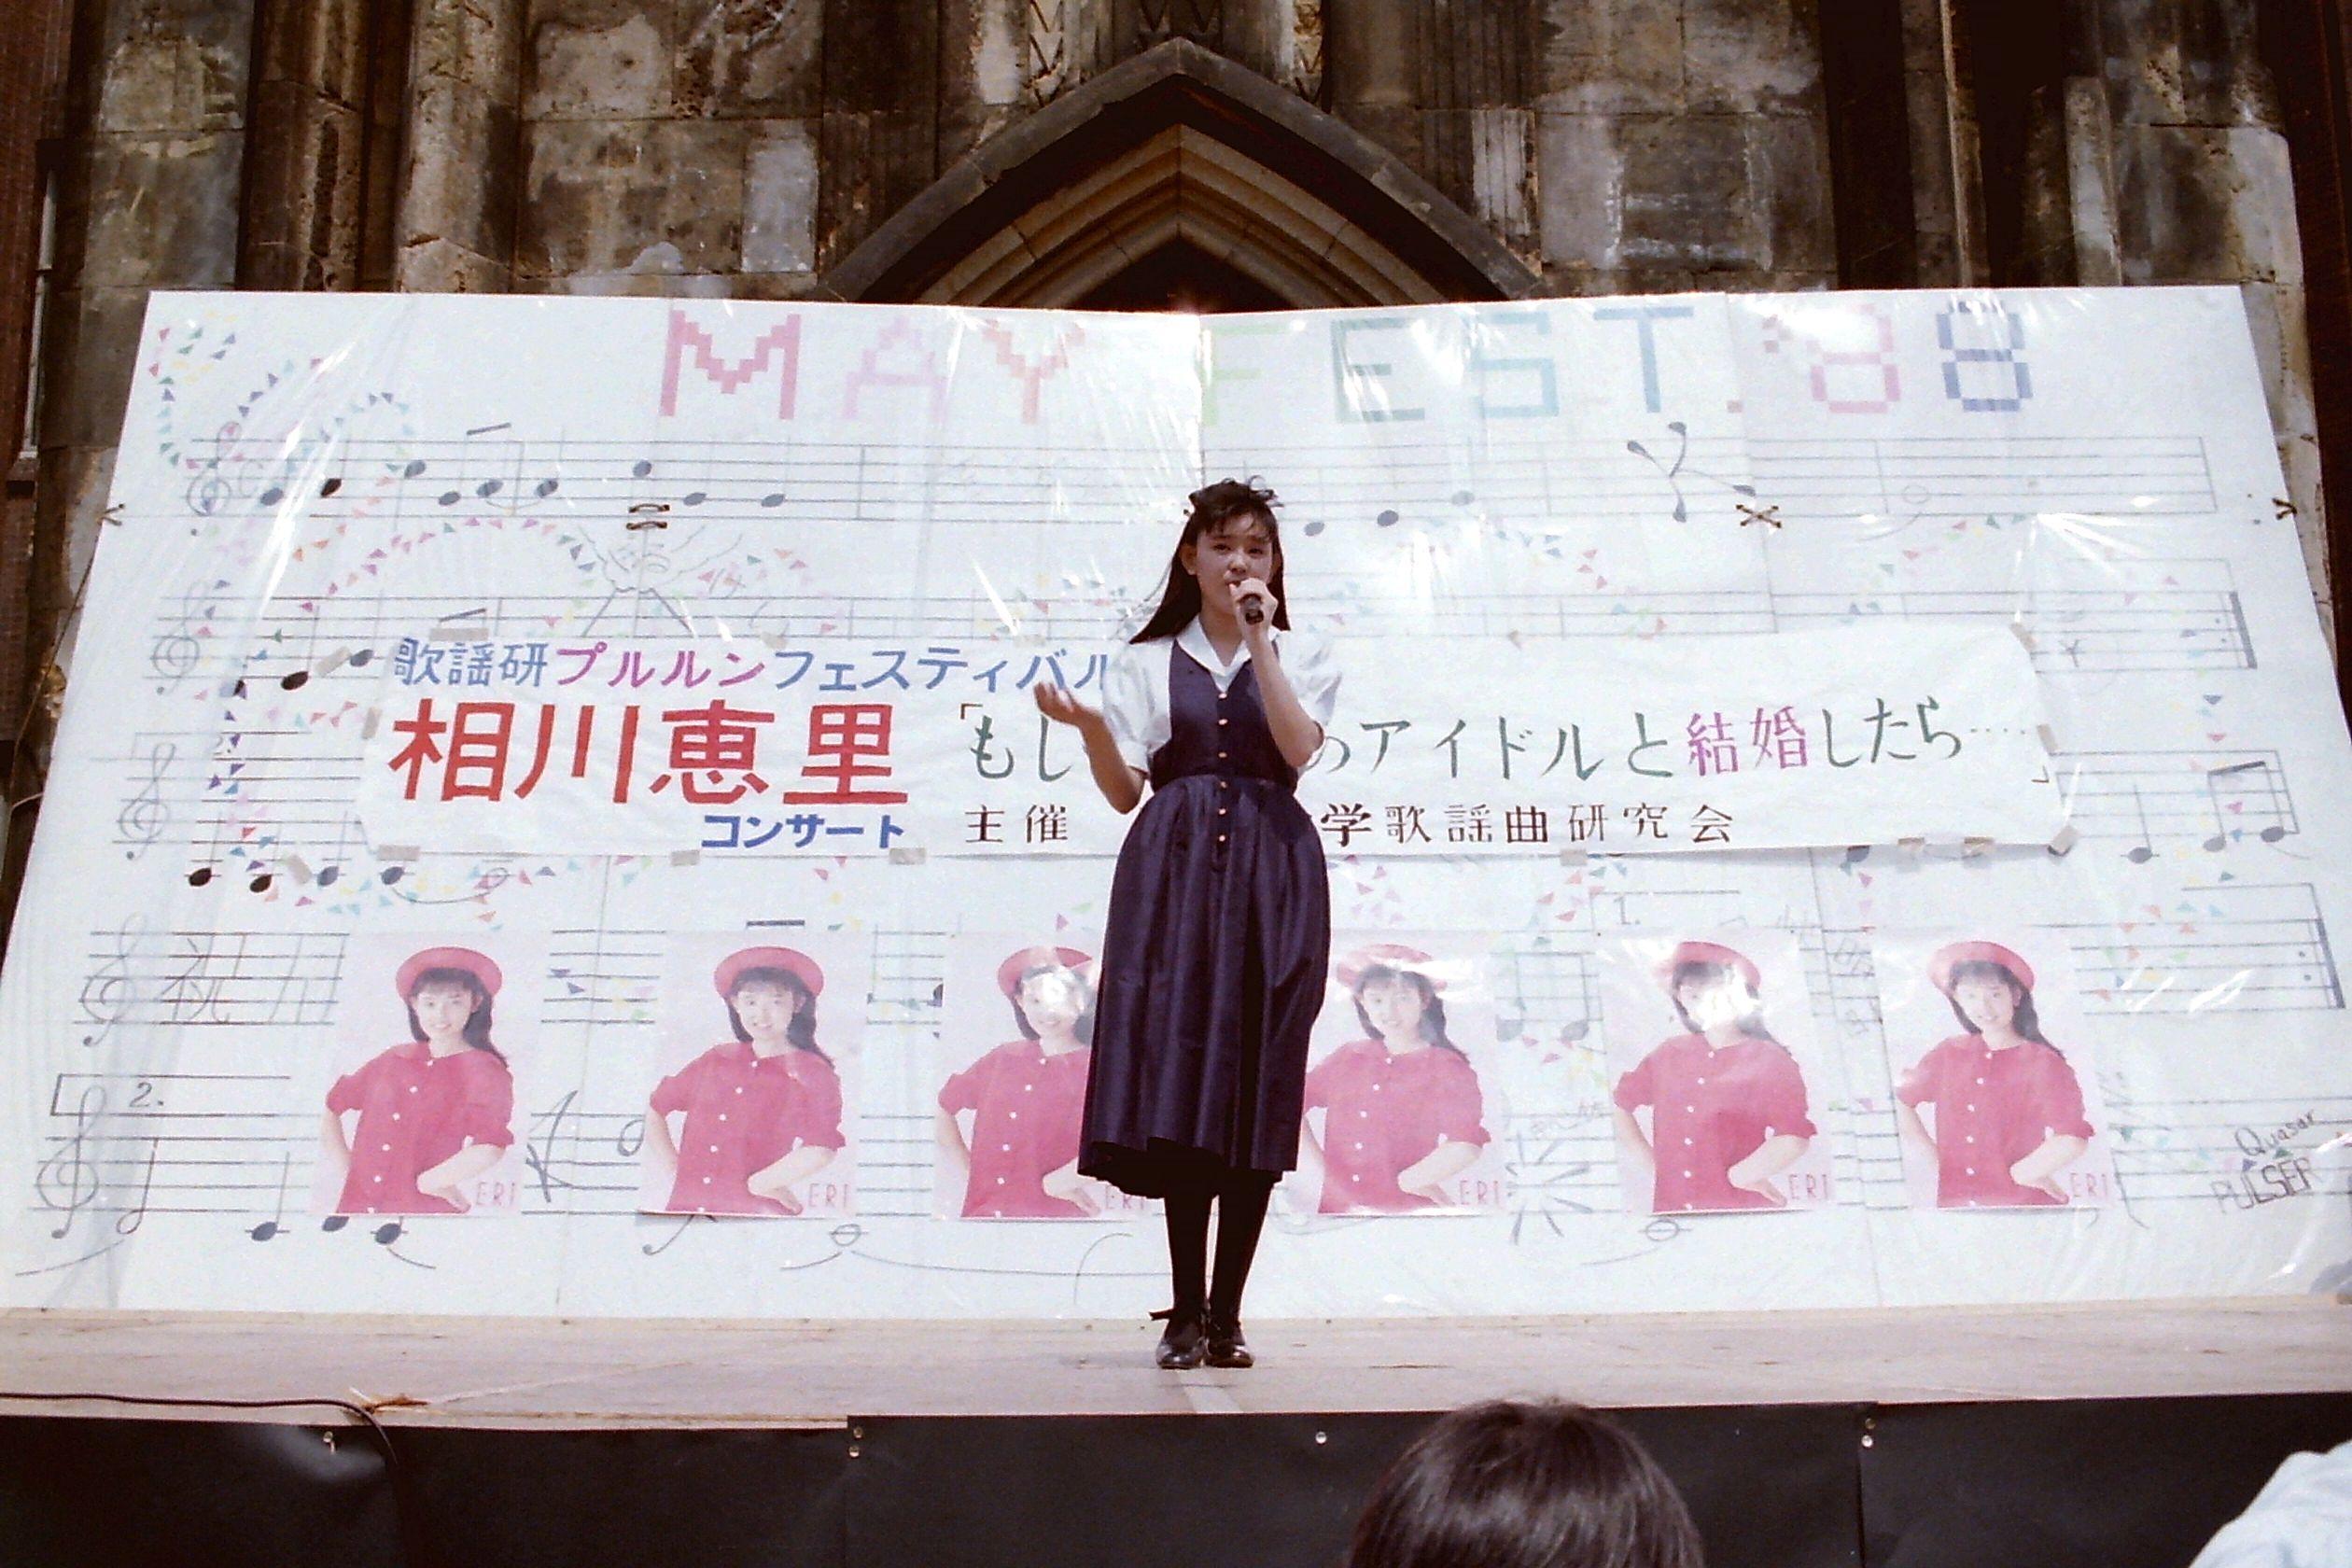 PICT1621 東大五月祭で東大の歌謡曲研究会の主催で来た相川恵里ちゃんです。かなりロン...